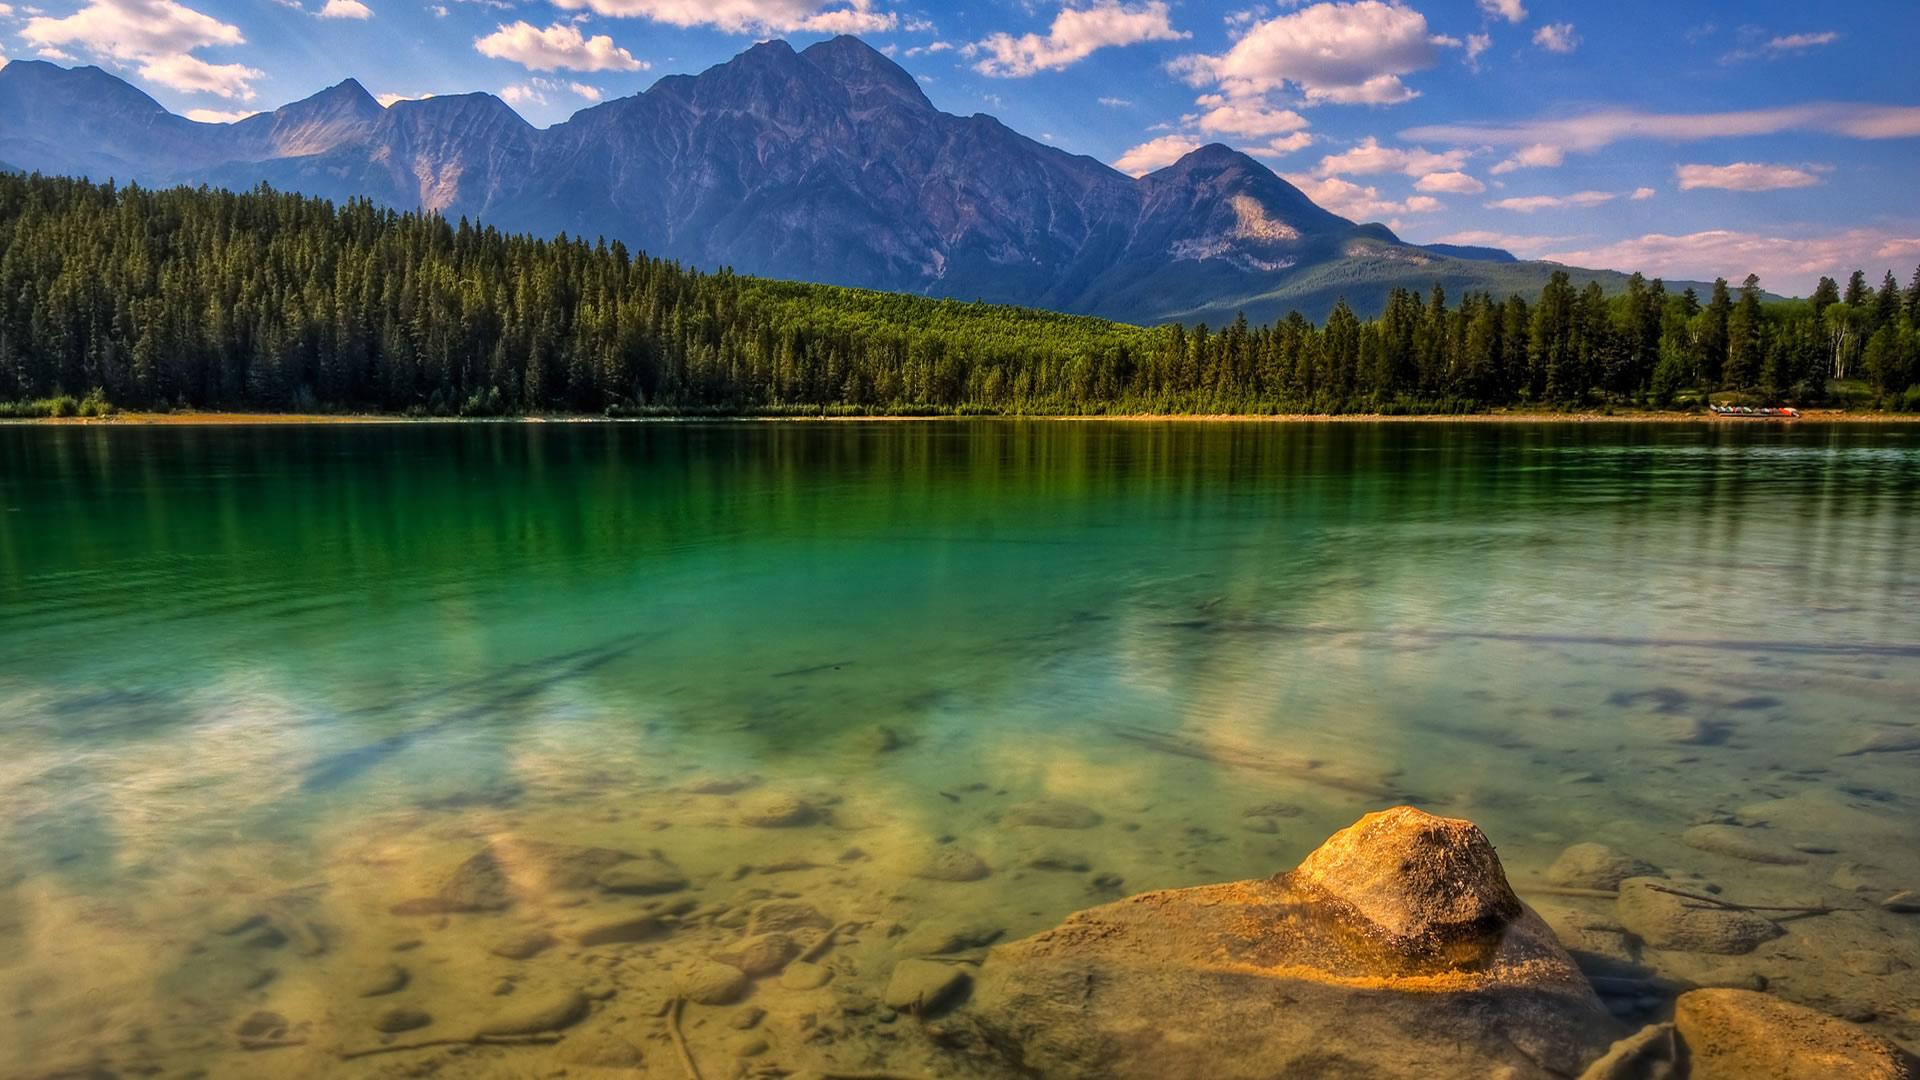 mountain images lake